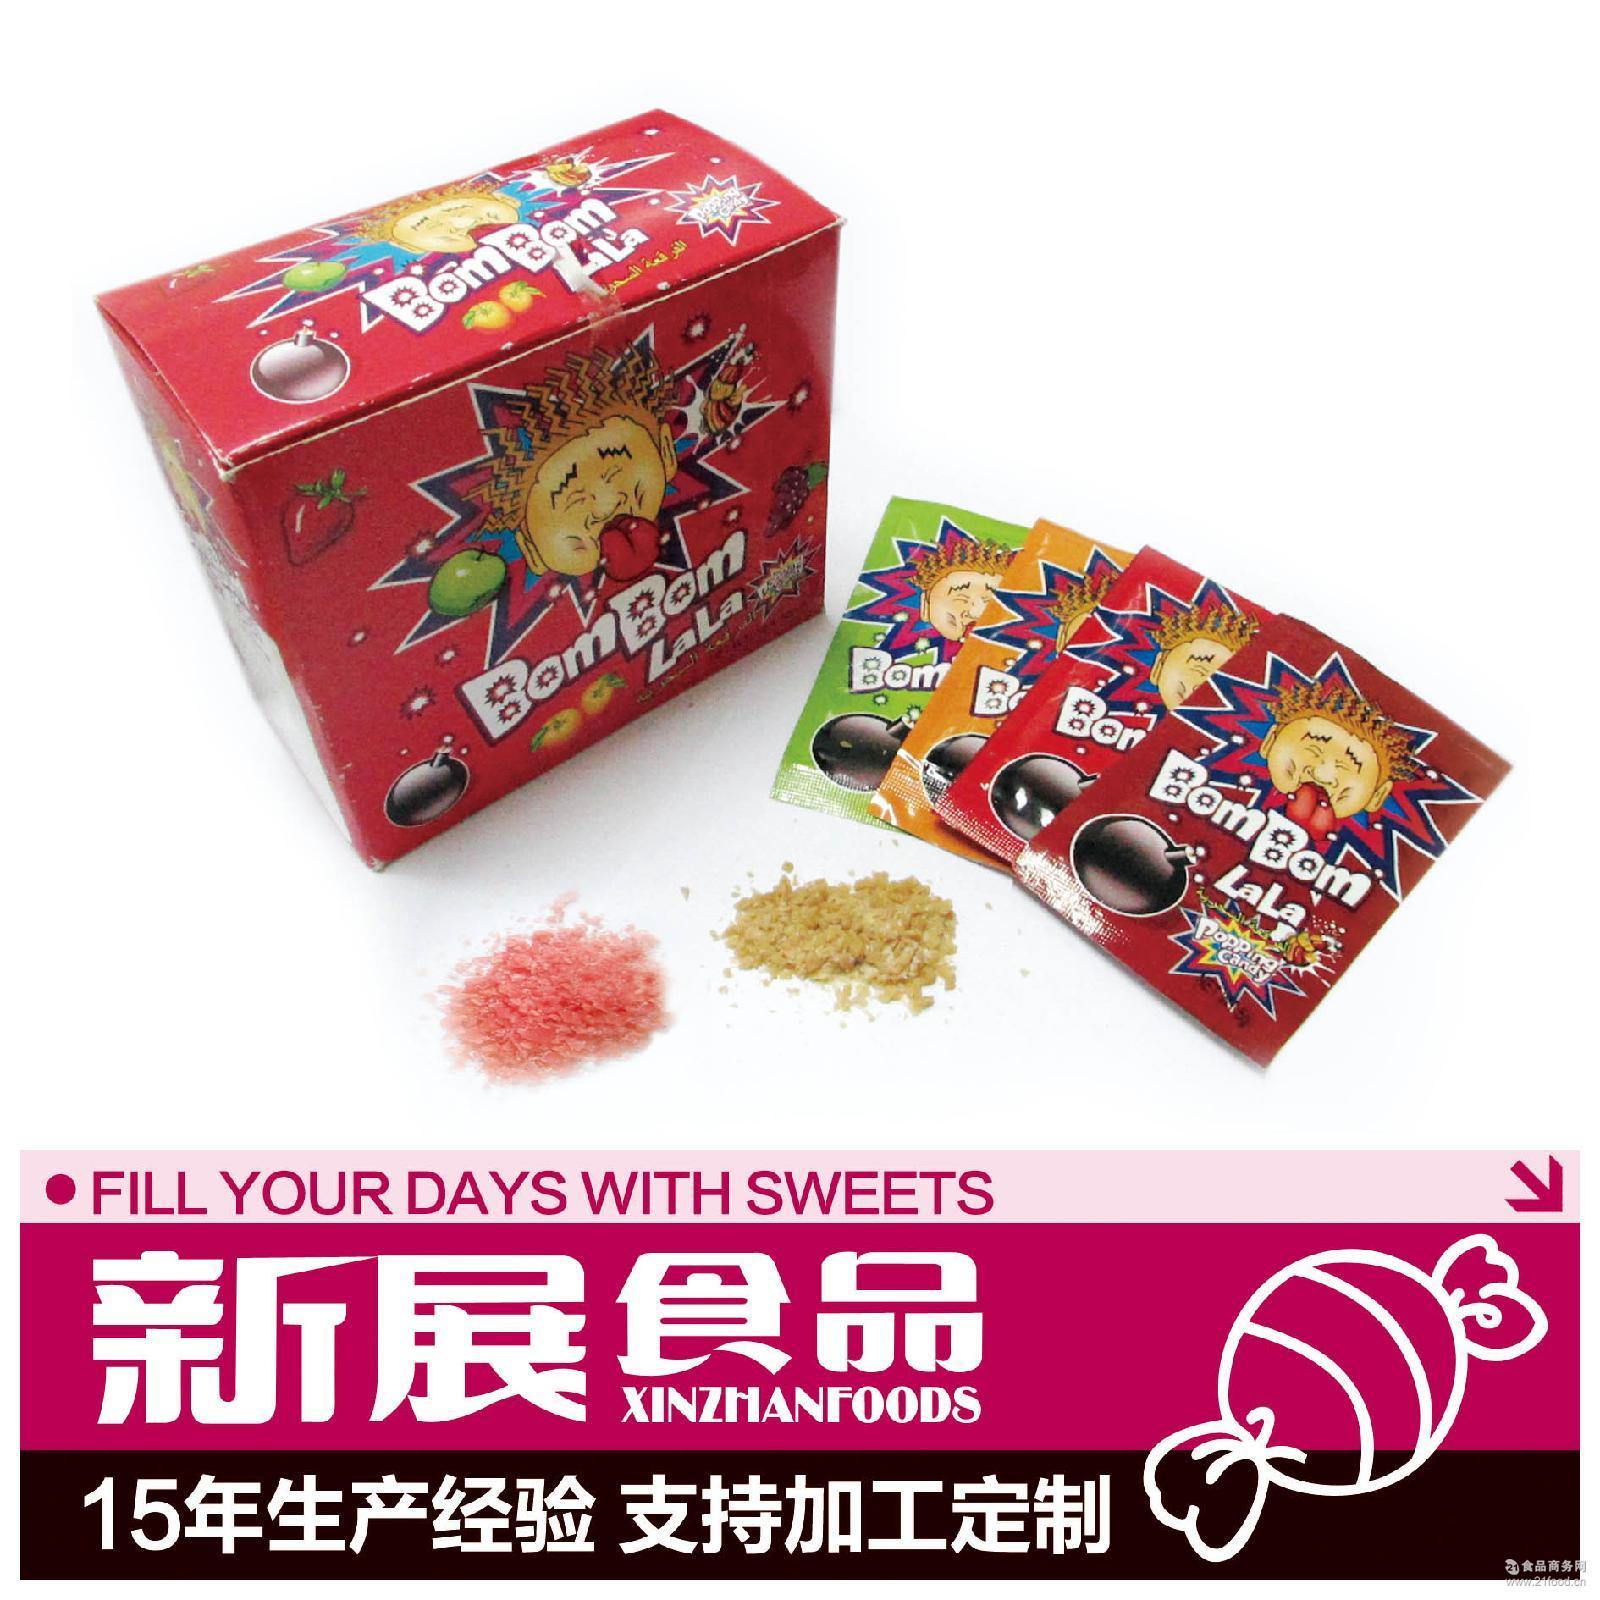 劲跳糖经典休闲零食搭配玩具 xz001-长期供应跳跳糖 爆炸糖